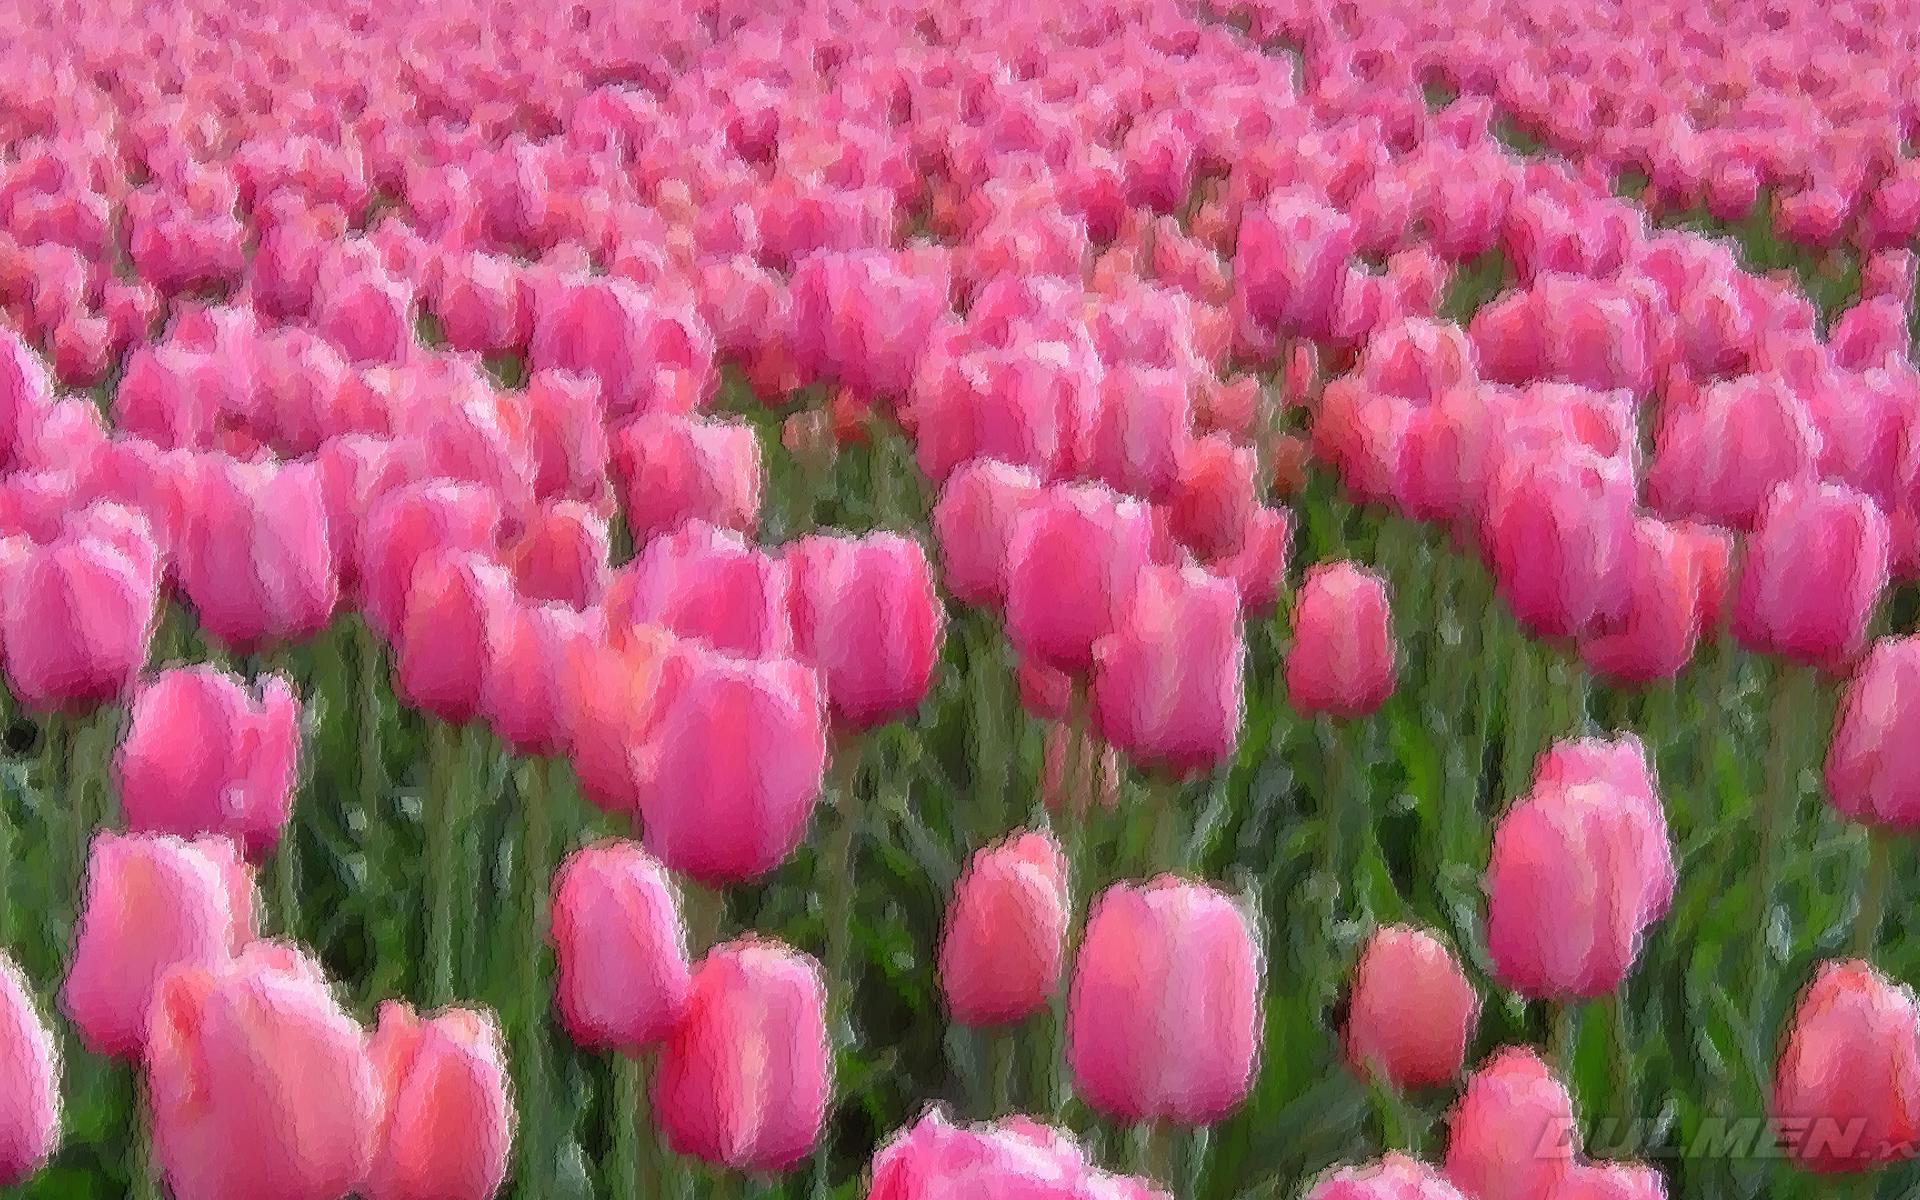 Tulips Wallpaper WallpaperSafari